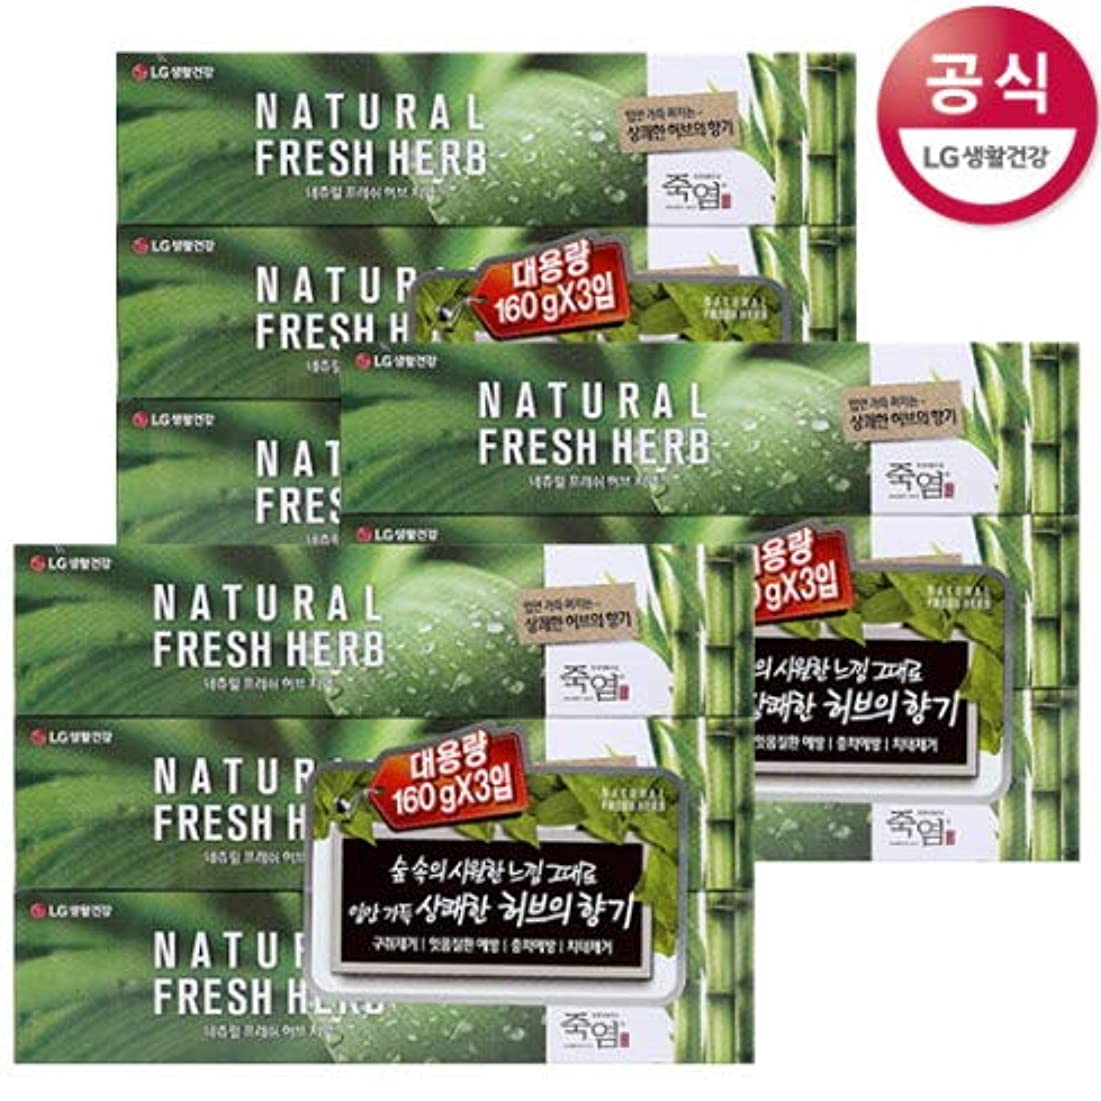 地味な占める乱す[LG HnB] Bamboo Salt Natural Fresh Herbal Toothpaste/竹塩ナチュラルフレッシュハーブ歯磨き粉 160gx9個(海外直送品)